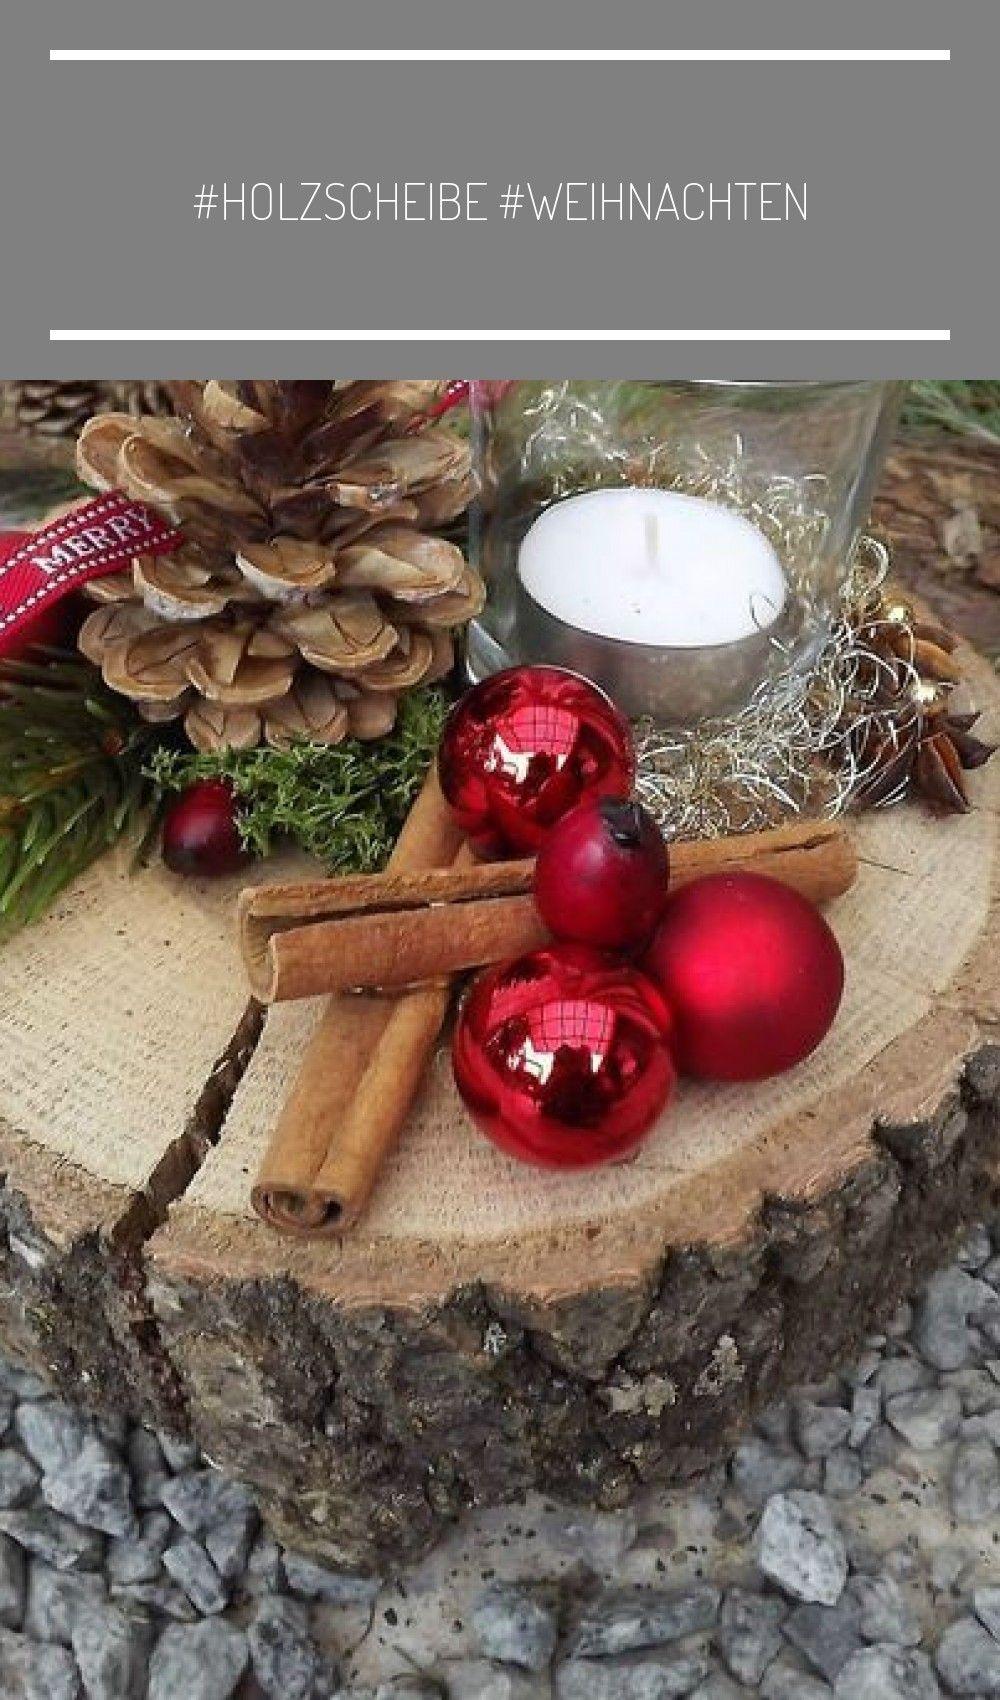 #holzscheibe #weihnachten #teelicht #gesteck #advent  #advent #gesteck #holzkreativ #holzscheibe #teelicht #weihnachten #holzscheiben deko weihnachten #holzscheibe #weihnachten #teelicht #gesteck #advent #holzscheibendeko